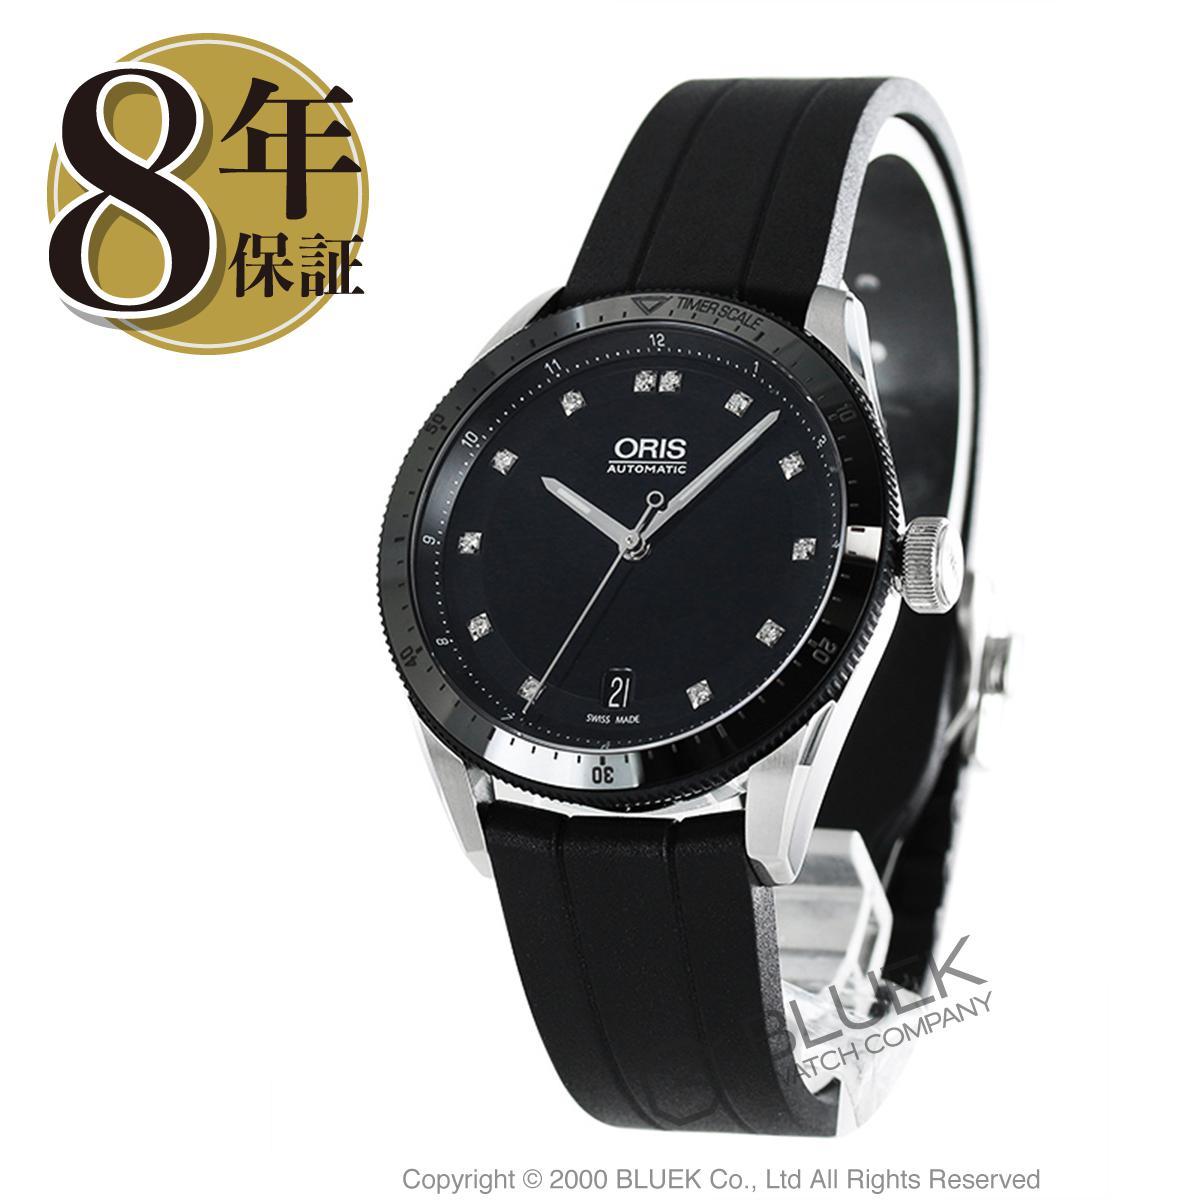 オリス アーティックス GT ダイヤ 腕時計 レディース ORIS 733 7671 4494R_8